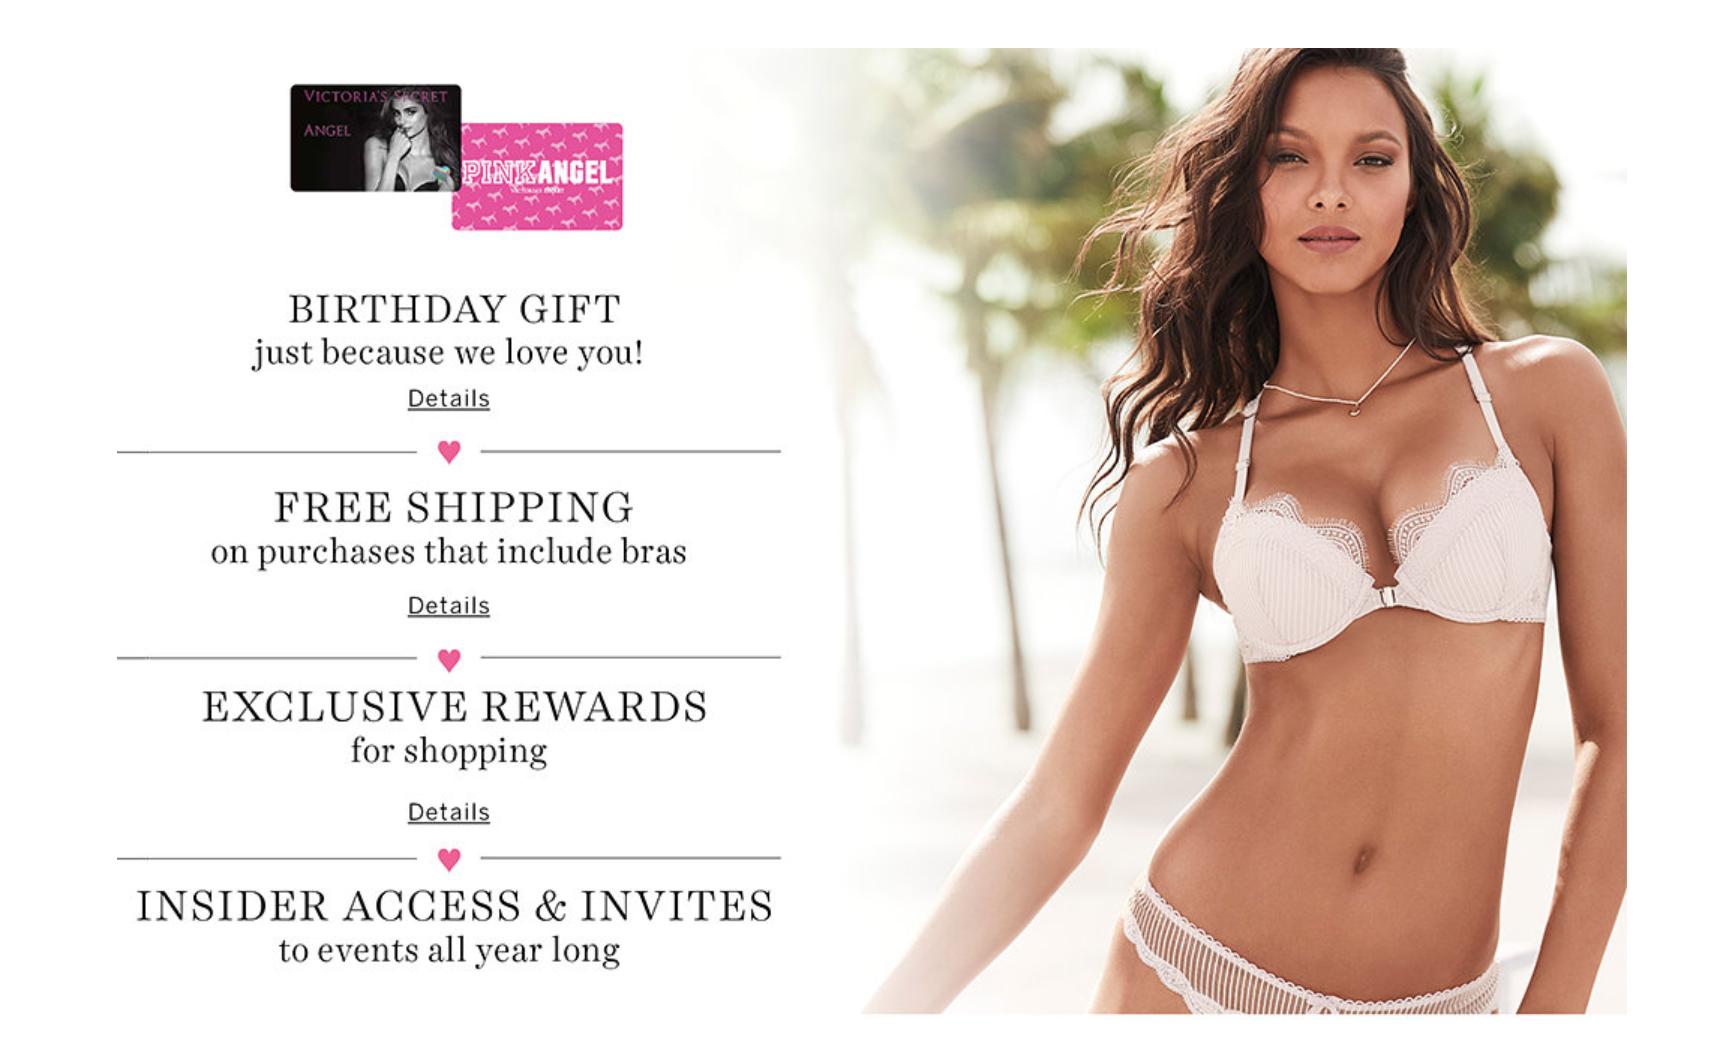 b7b317b87 The Victoria s Secret Credit Card   Angel Rewards - Worth It   2019